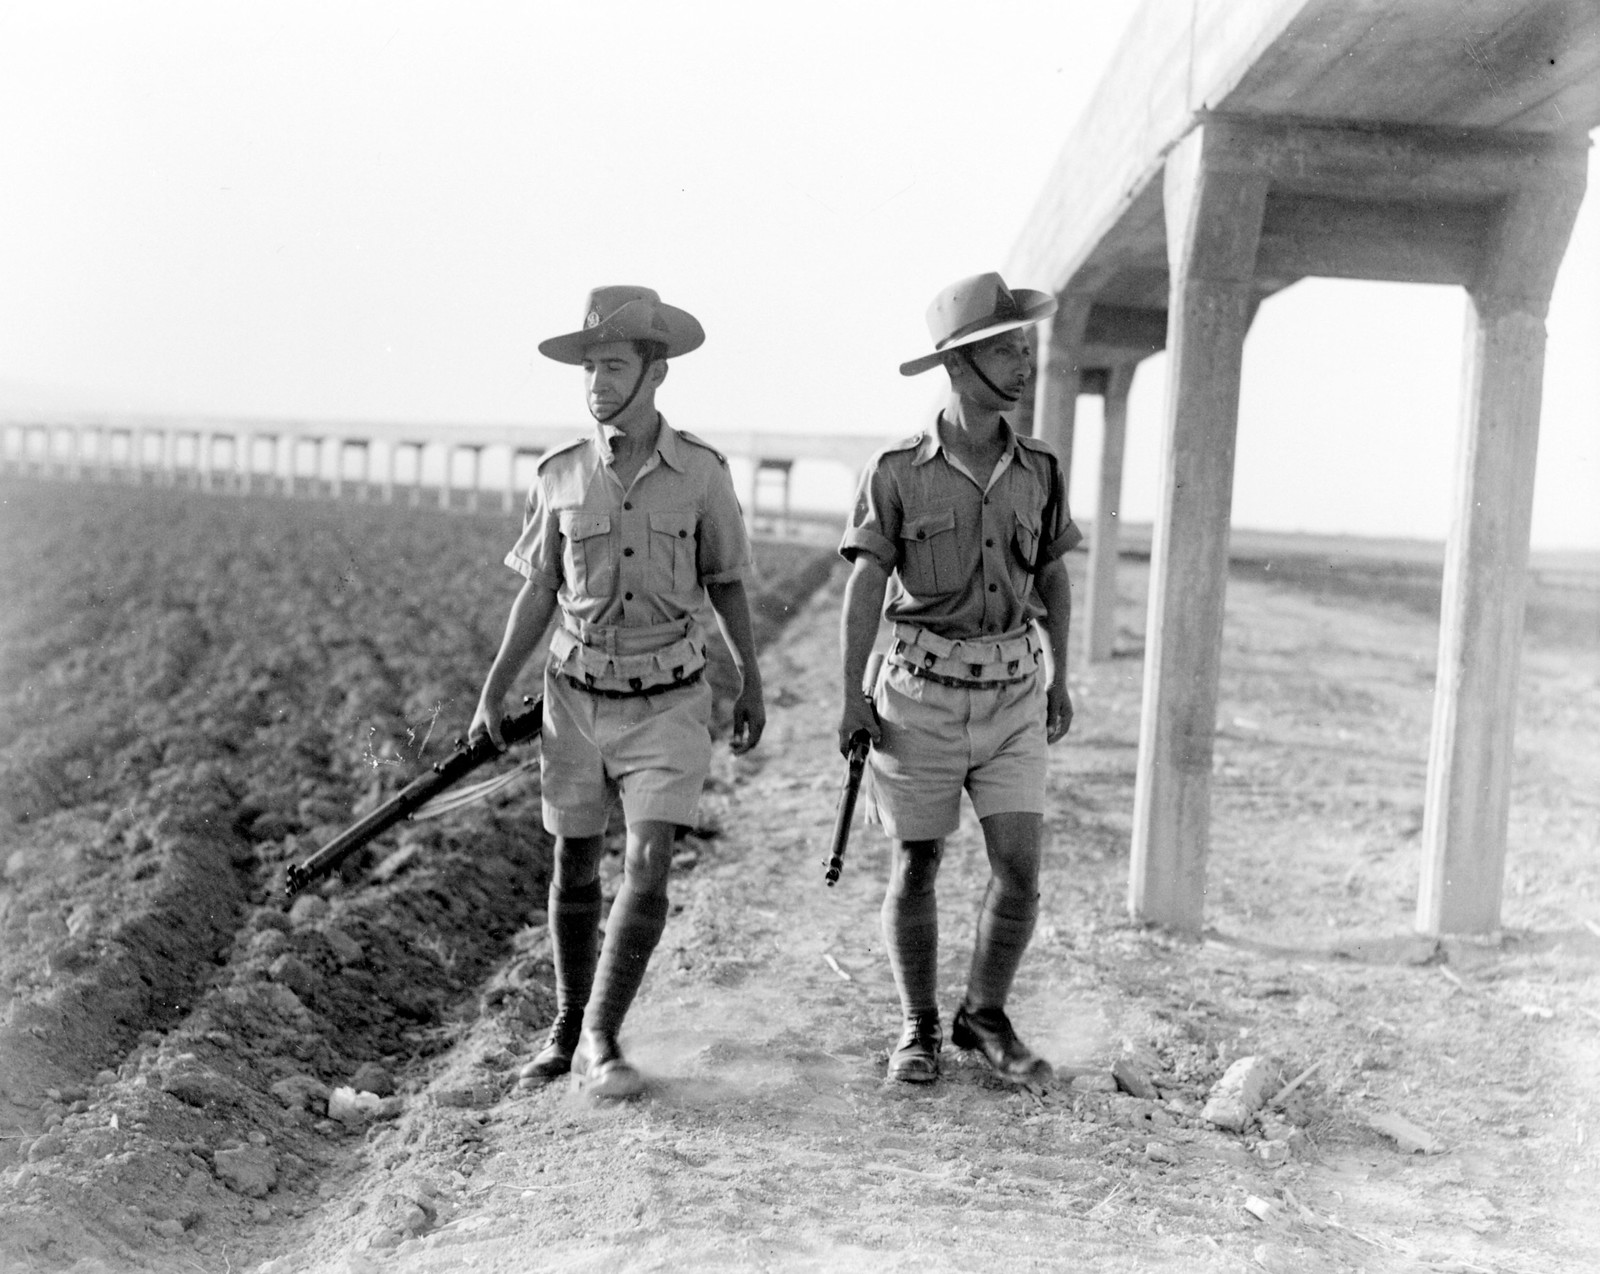 1942. Еврейская поселенческая полиция вблизи акведука в Иорданской долине. 08.02.